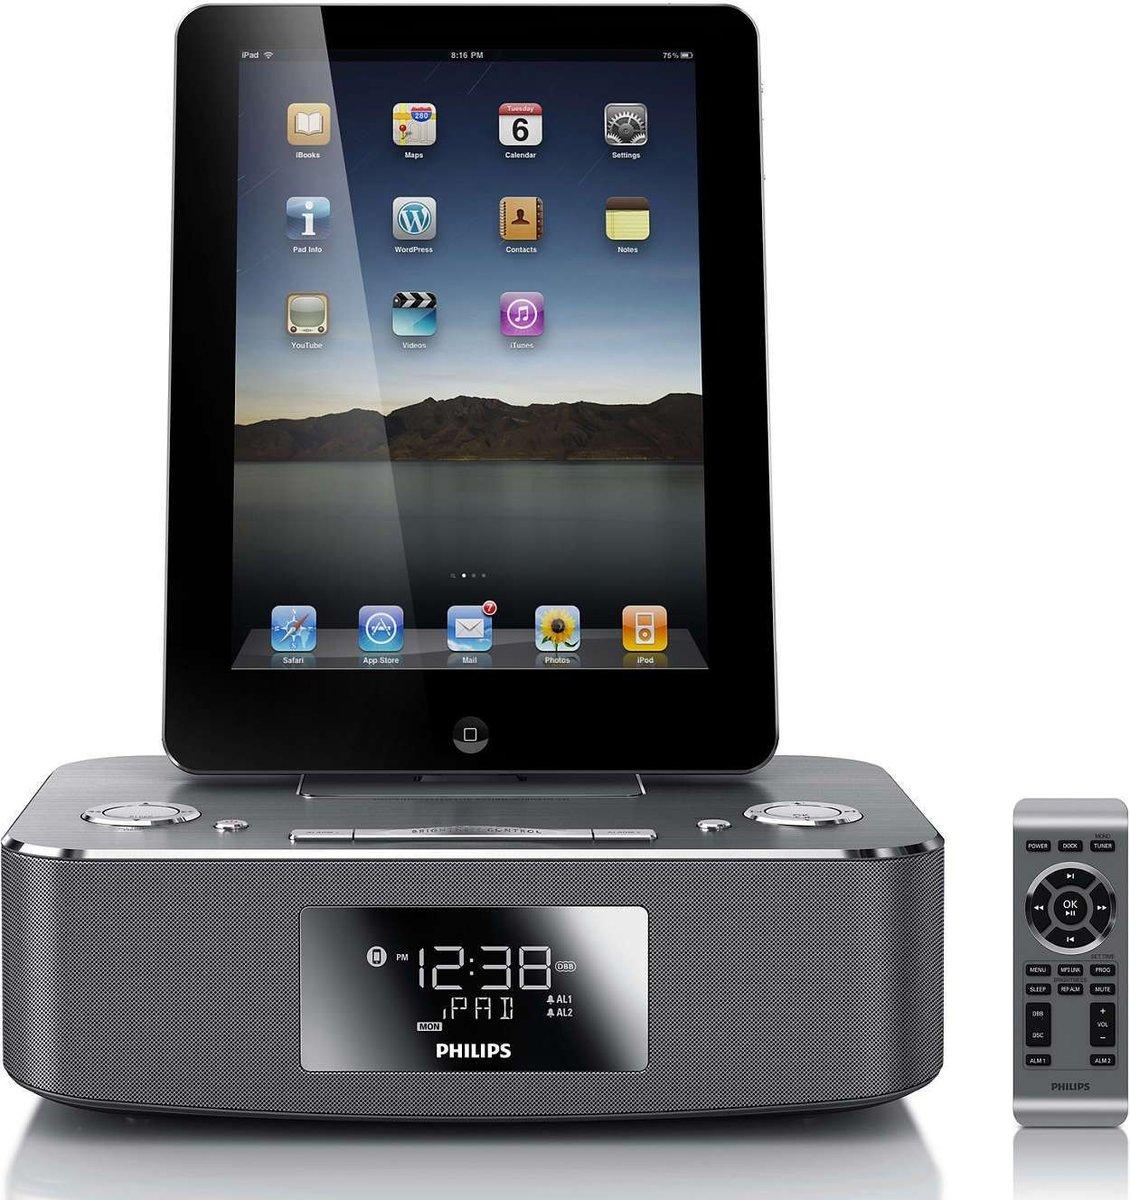 Док станция для планшета, смартфона и ноутбука: что это такое, для чего используется оборудование и каким оно бывает